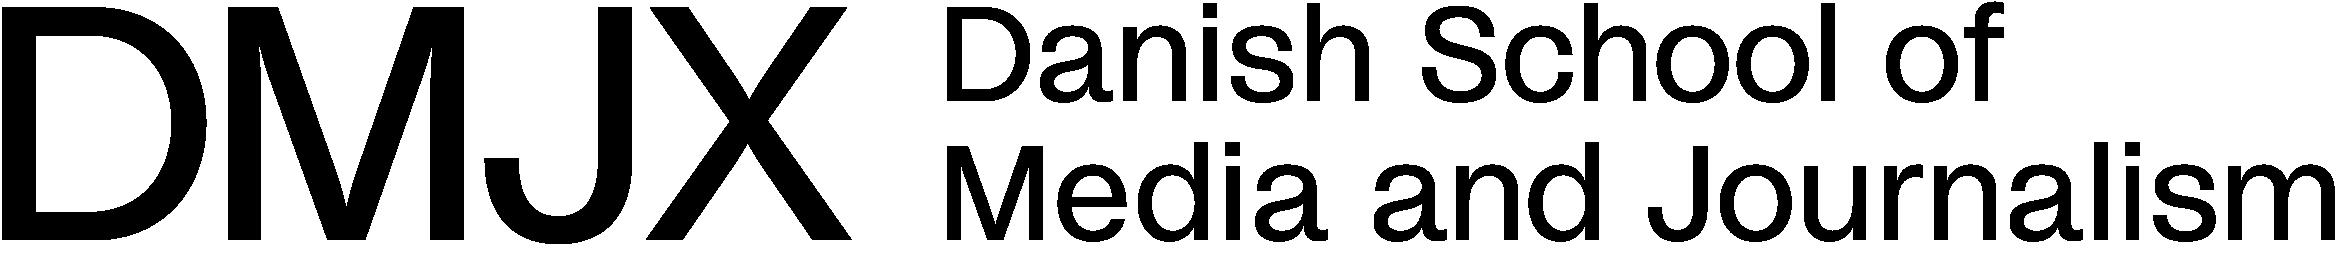 faq.dmjx.dk